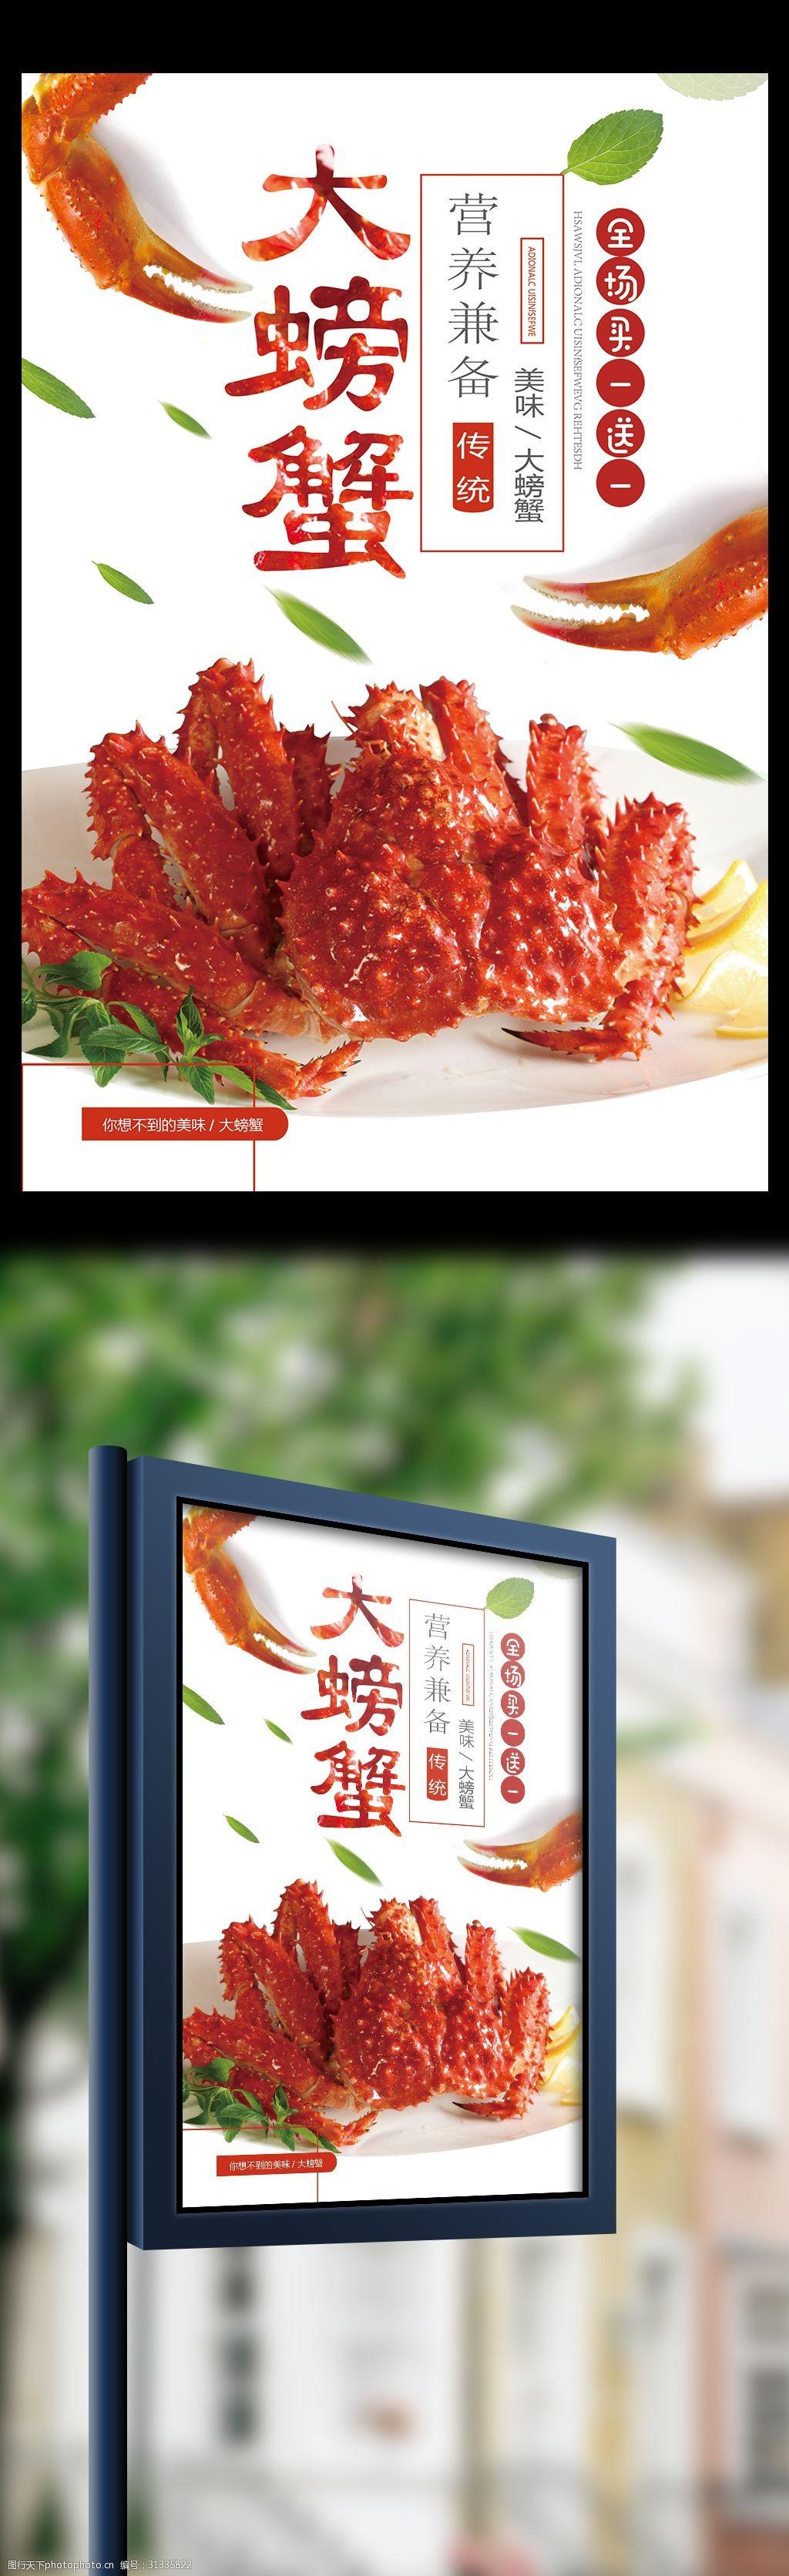 大螃蟹營養美食全場促銷海報